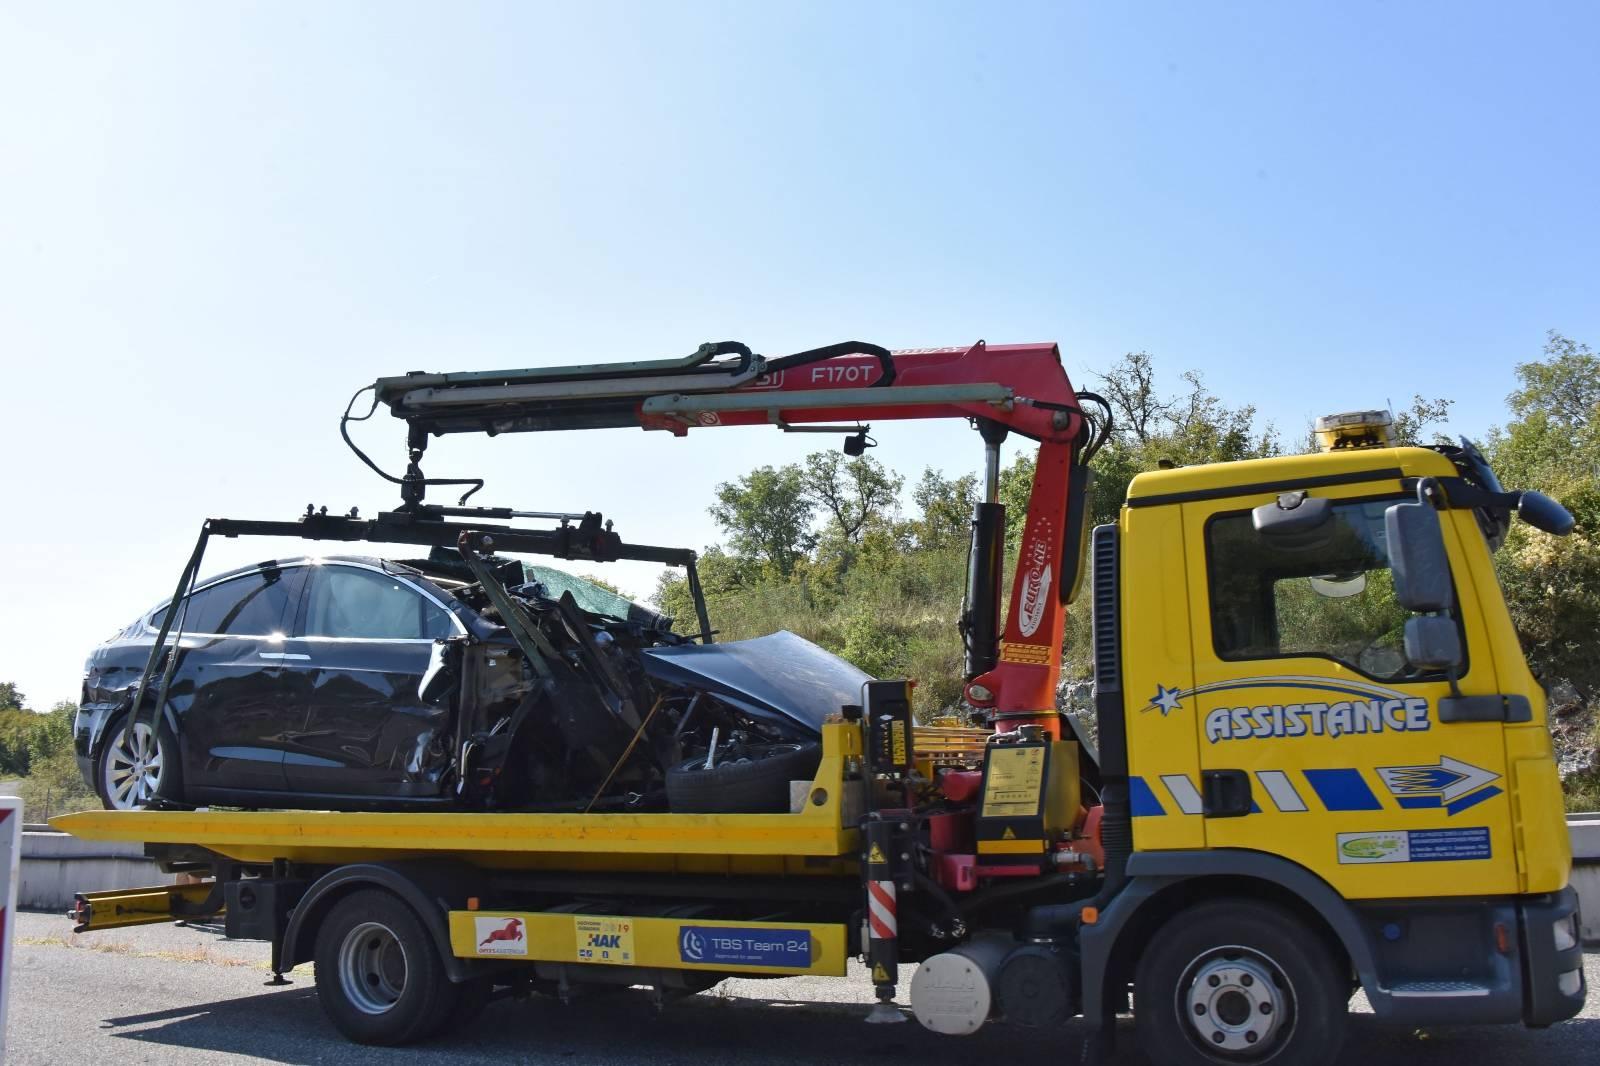 Limska draga: Jedna osoba ozlijeđena u prometnoj nesreći na istarskom ipsilonu